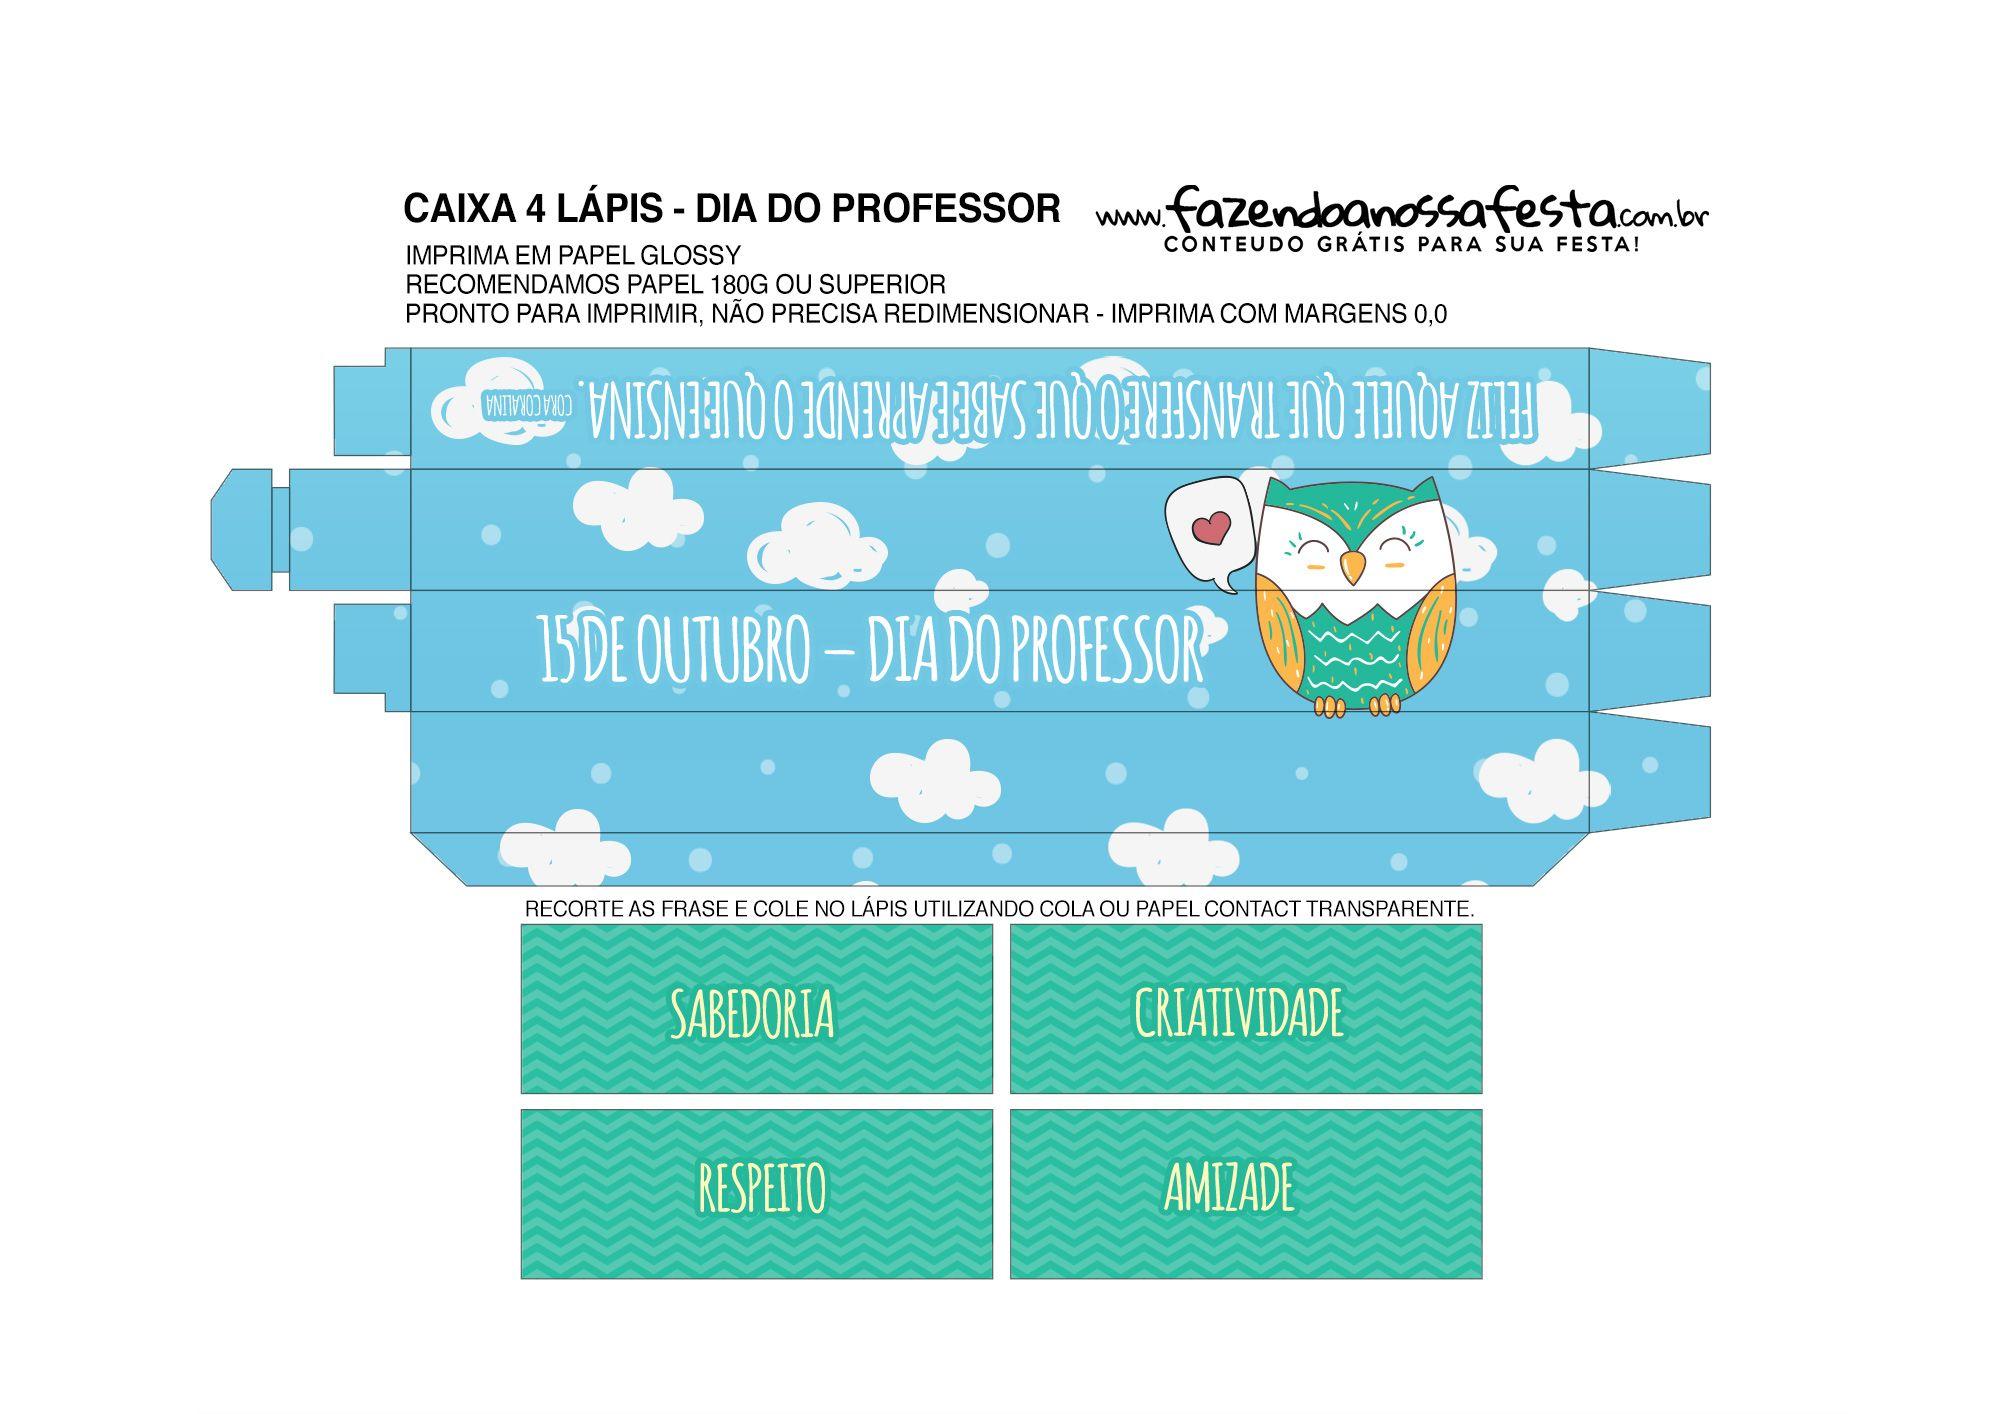 Caixa-para-4-Lapis-Dia-dos-Professores-2.jpg (2000×1414)